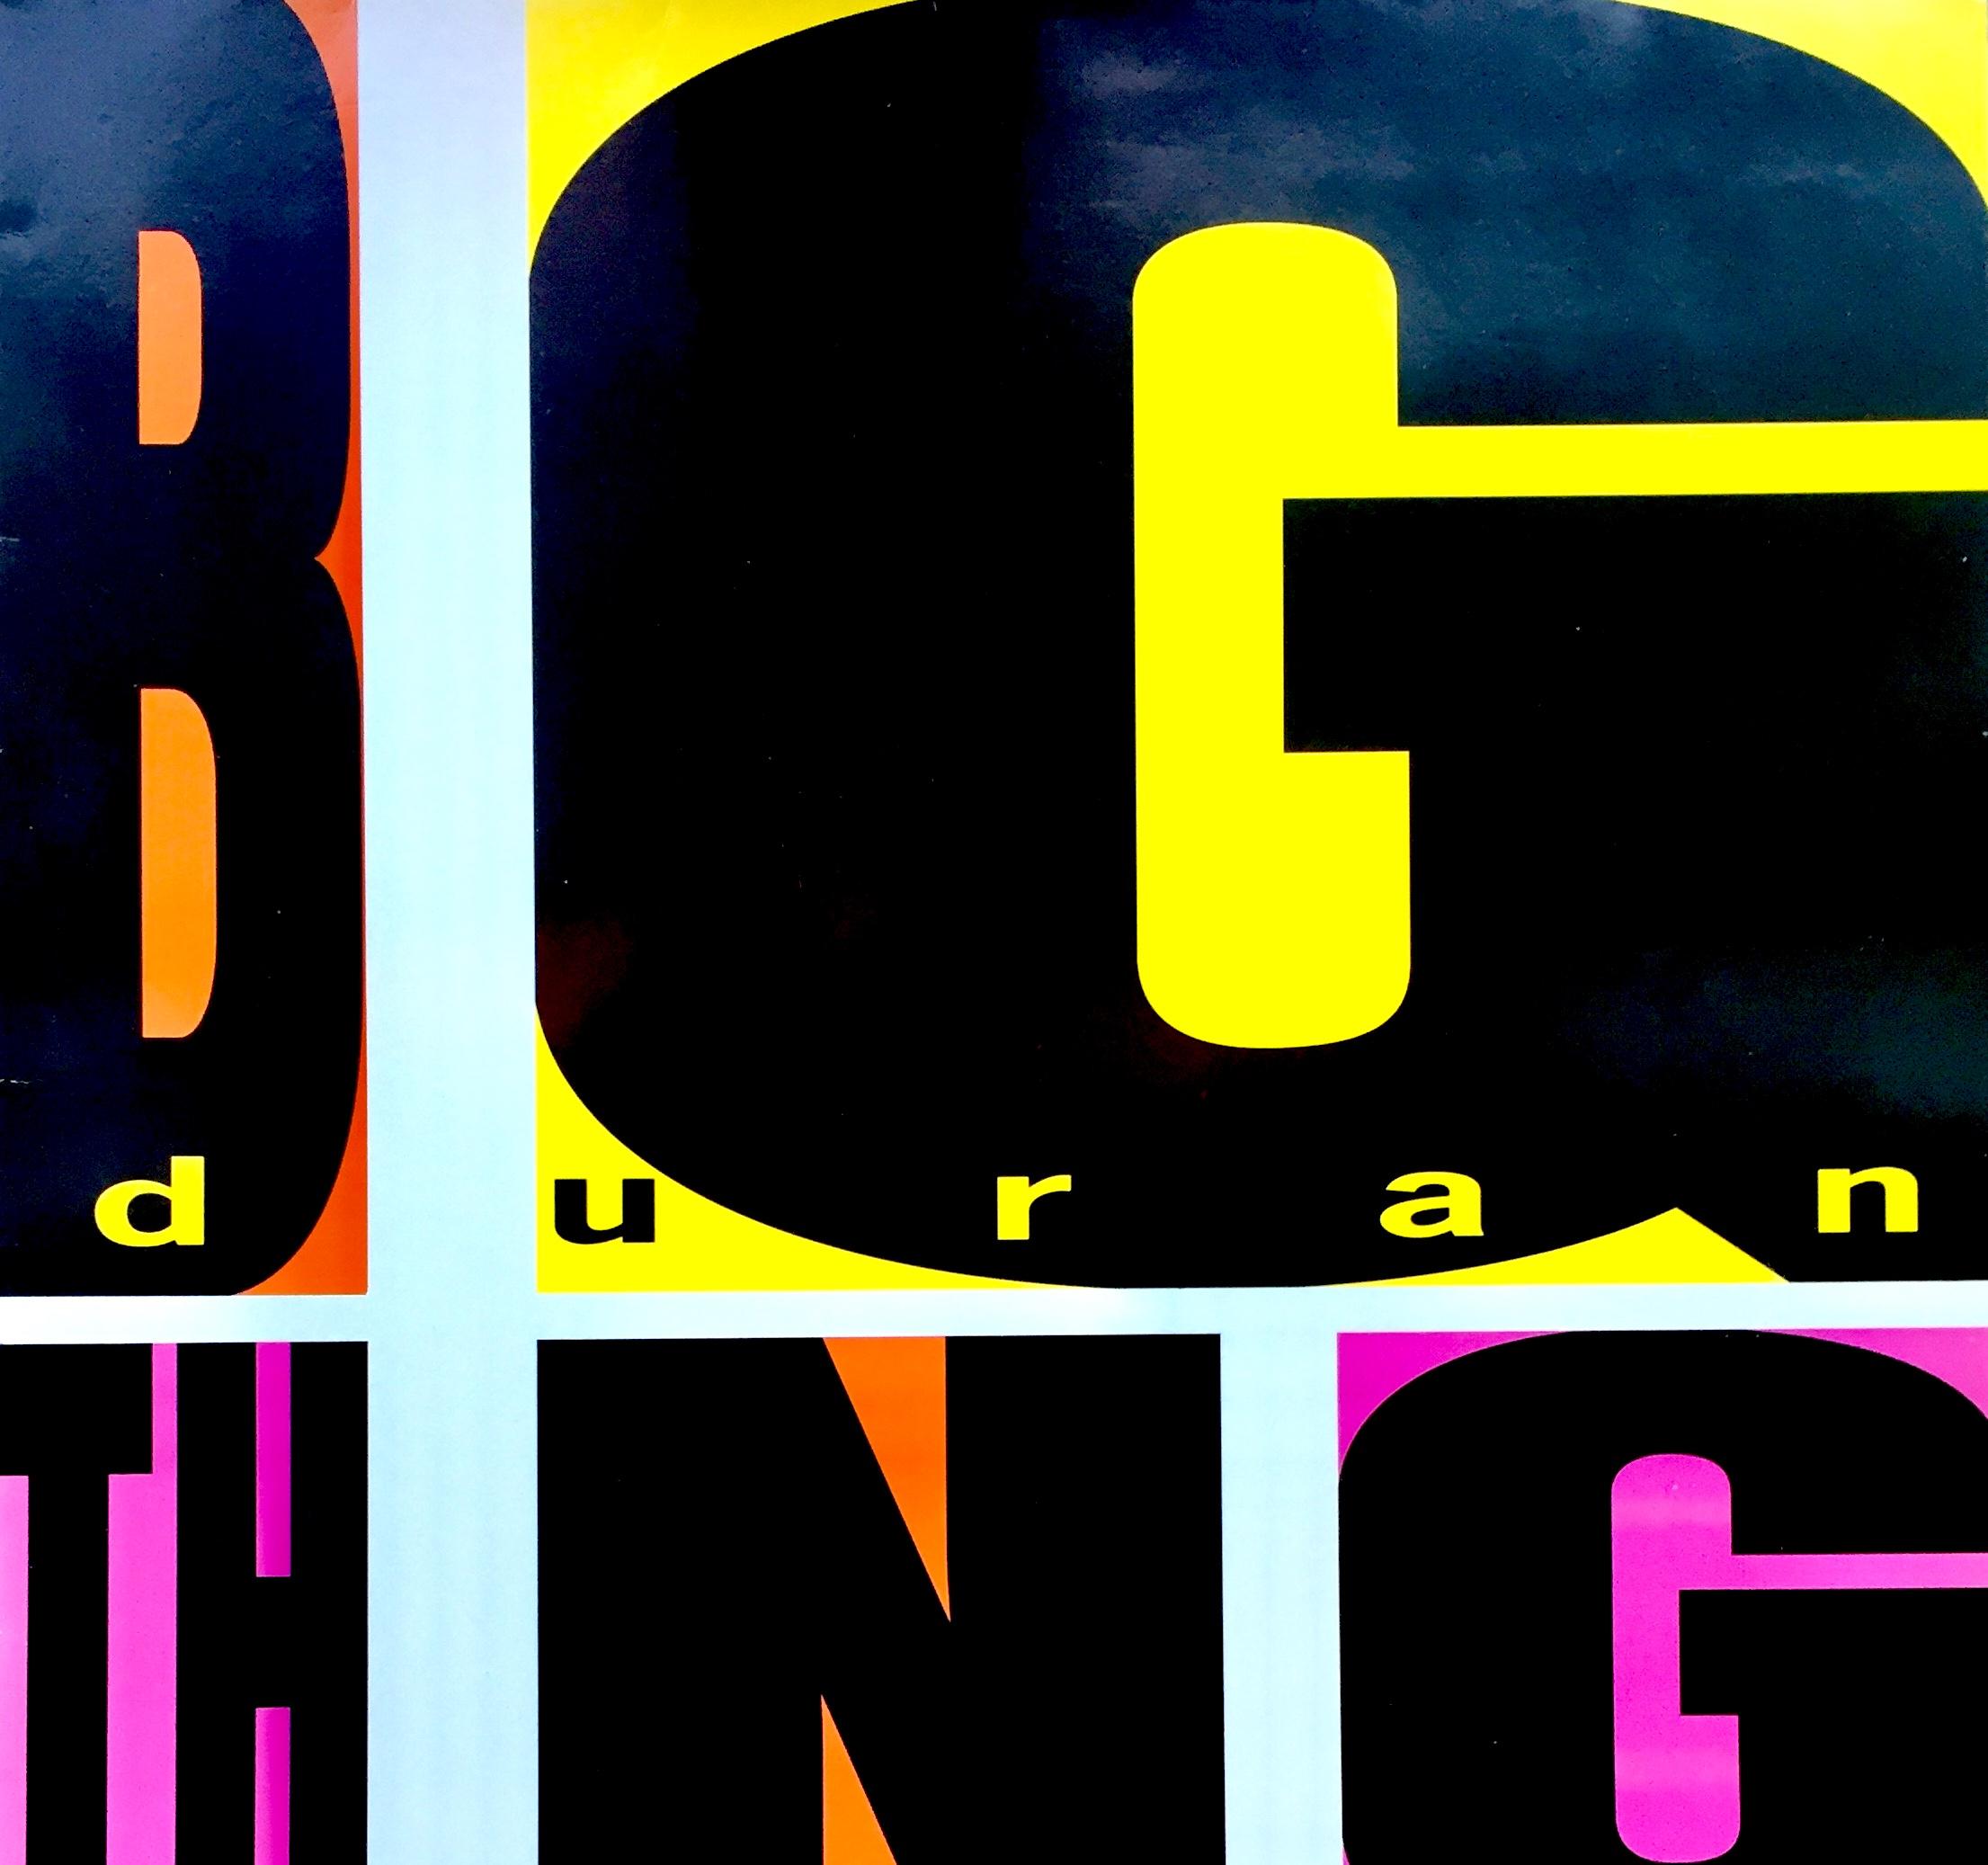 Duran Duran: Big Thing (1988).